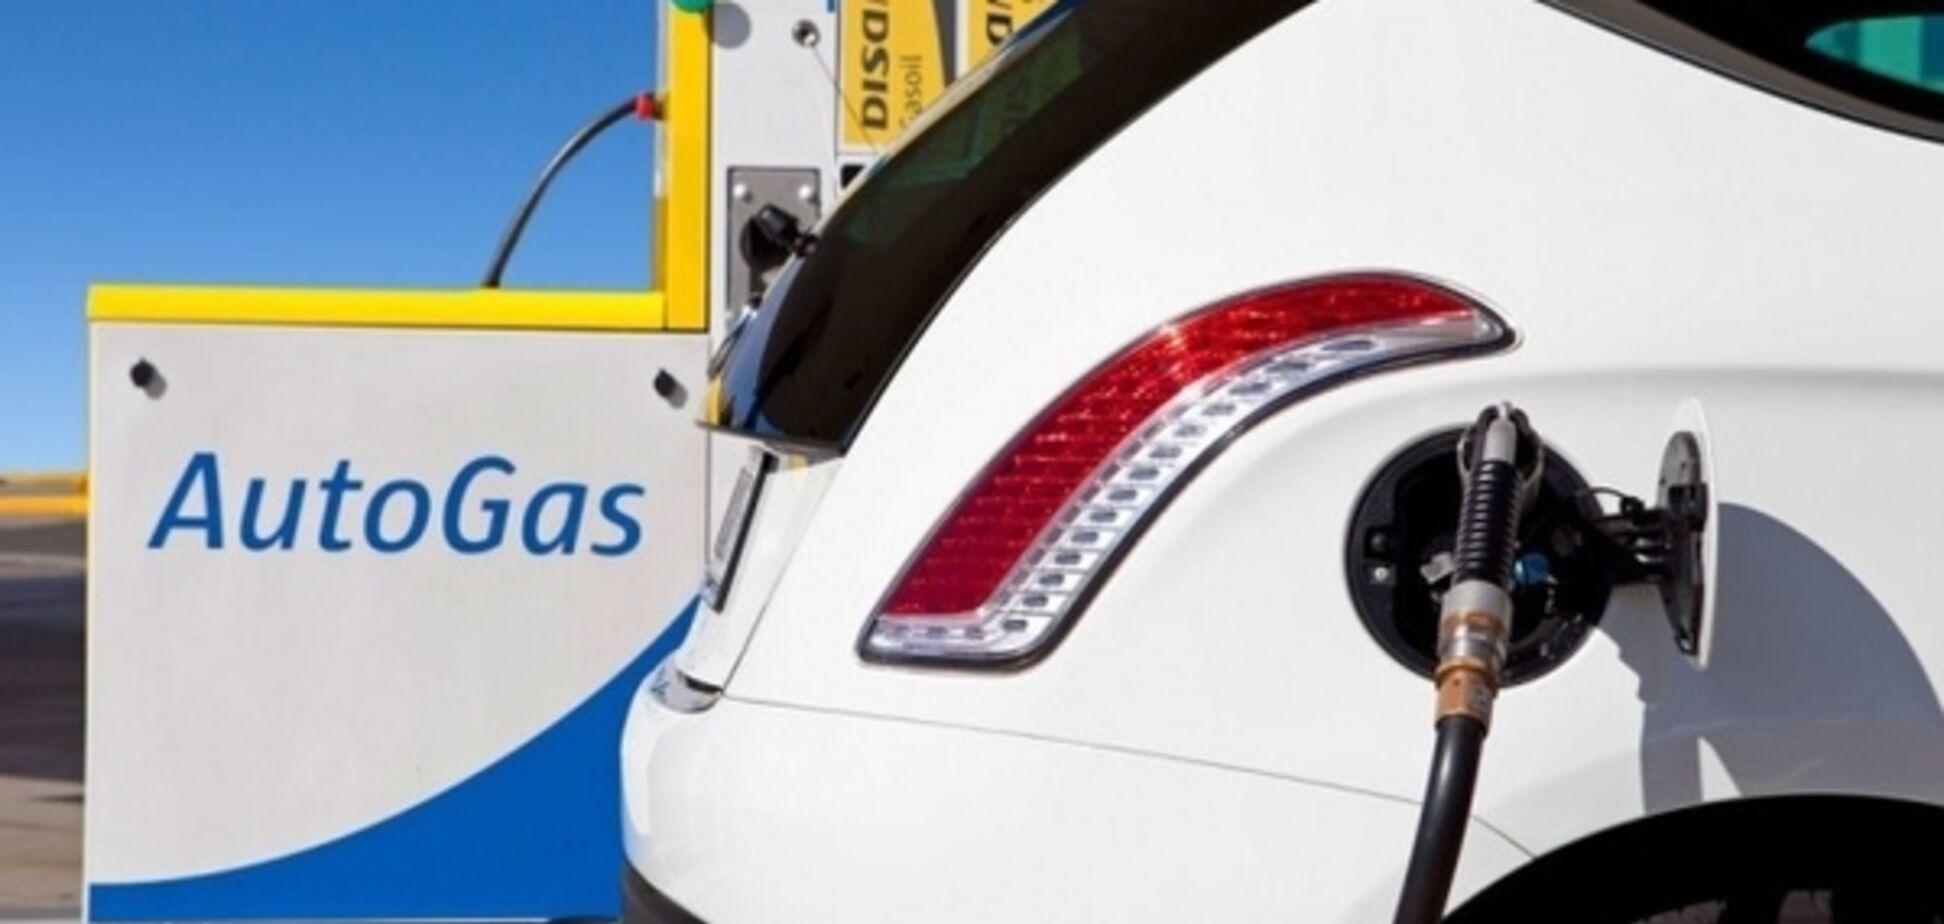 В Україні обвалилися ціни на автогаз: скільки коштує пальне